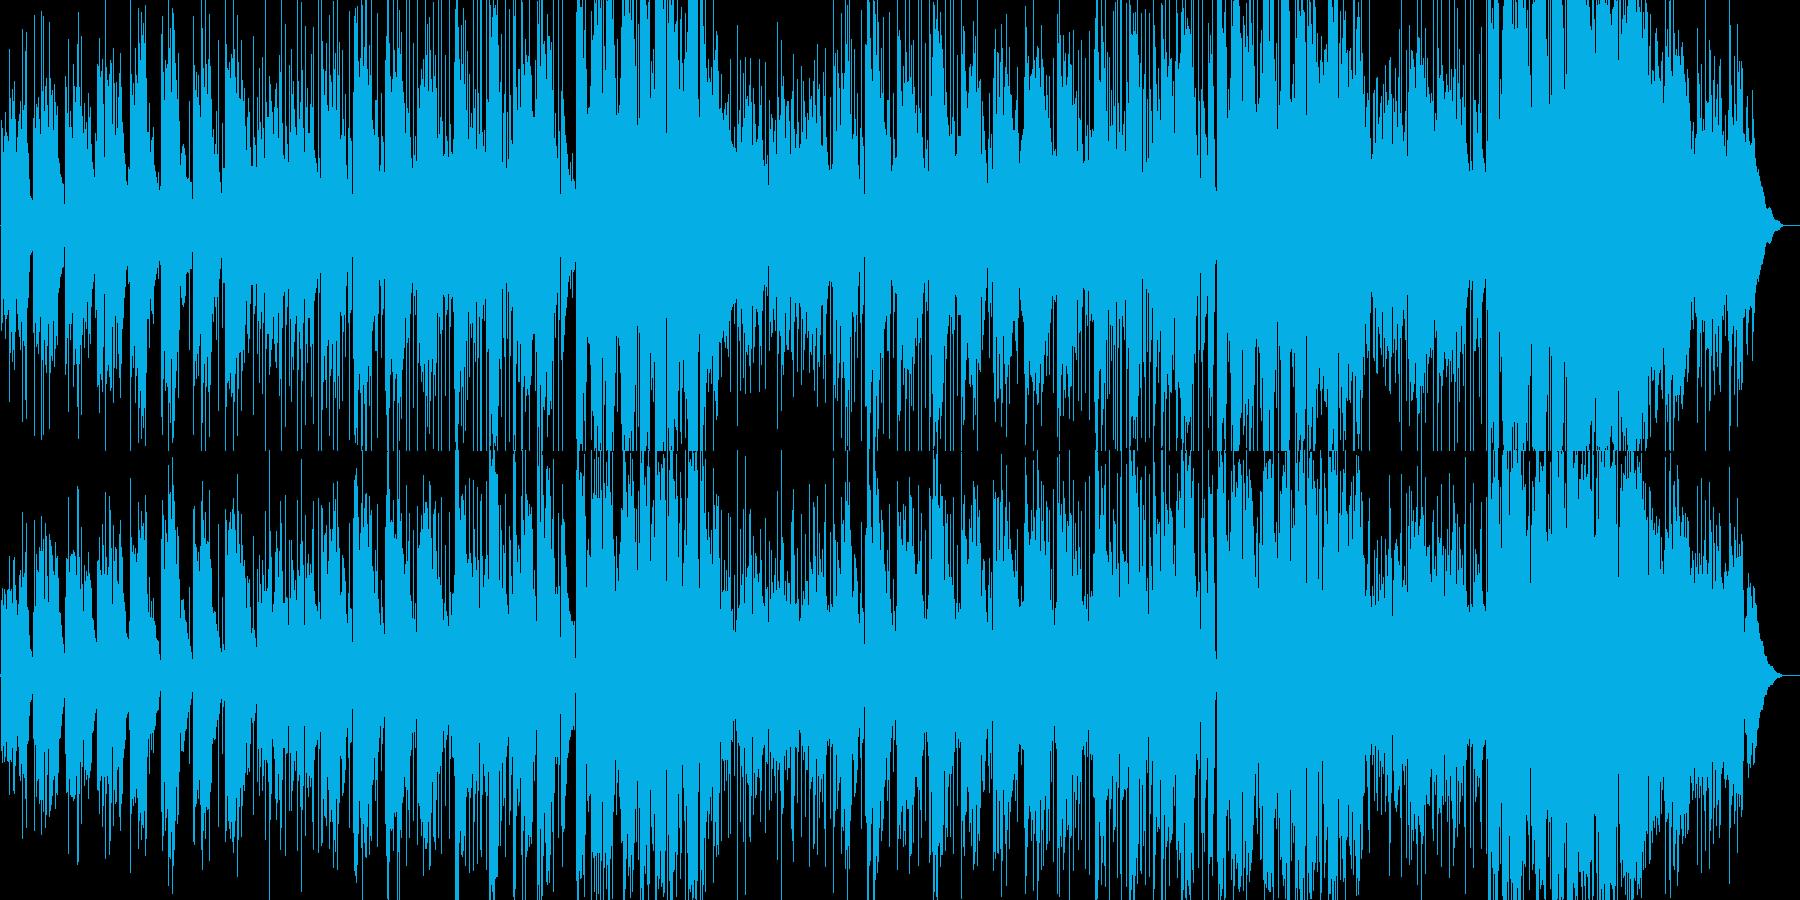 メランコリックなアコースティックバラードの再生済みの波形